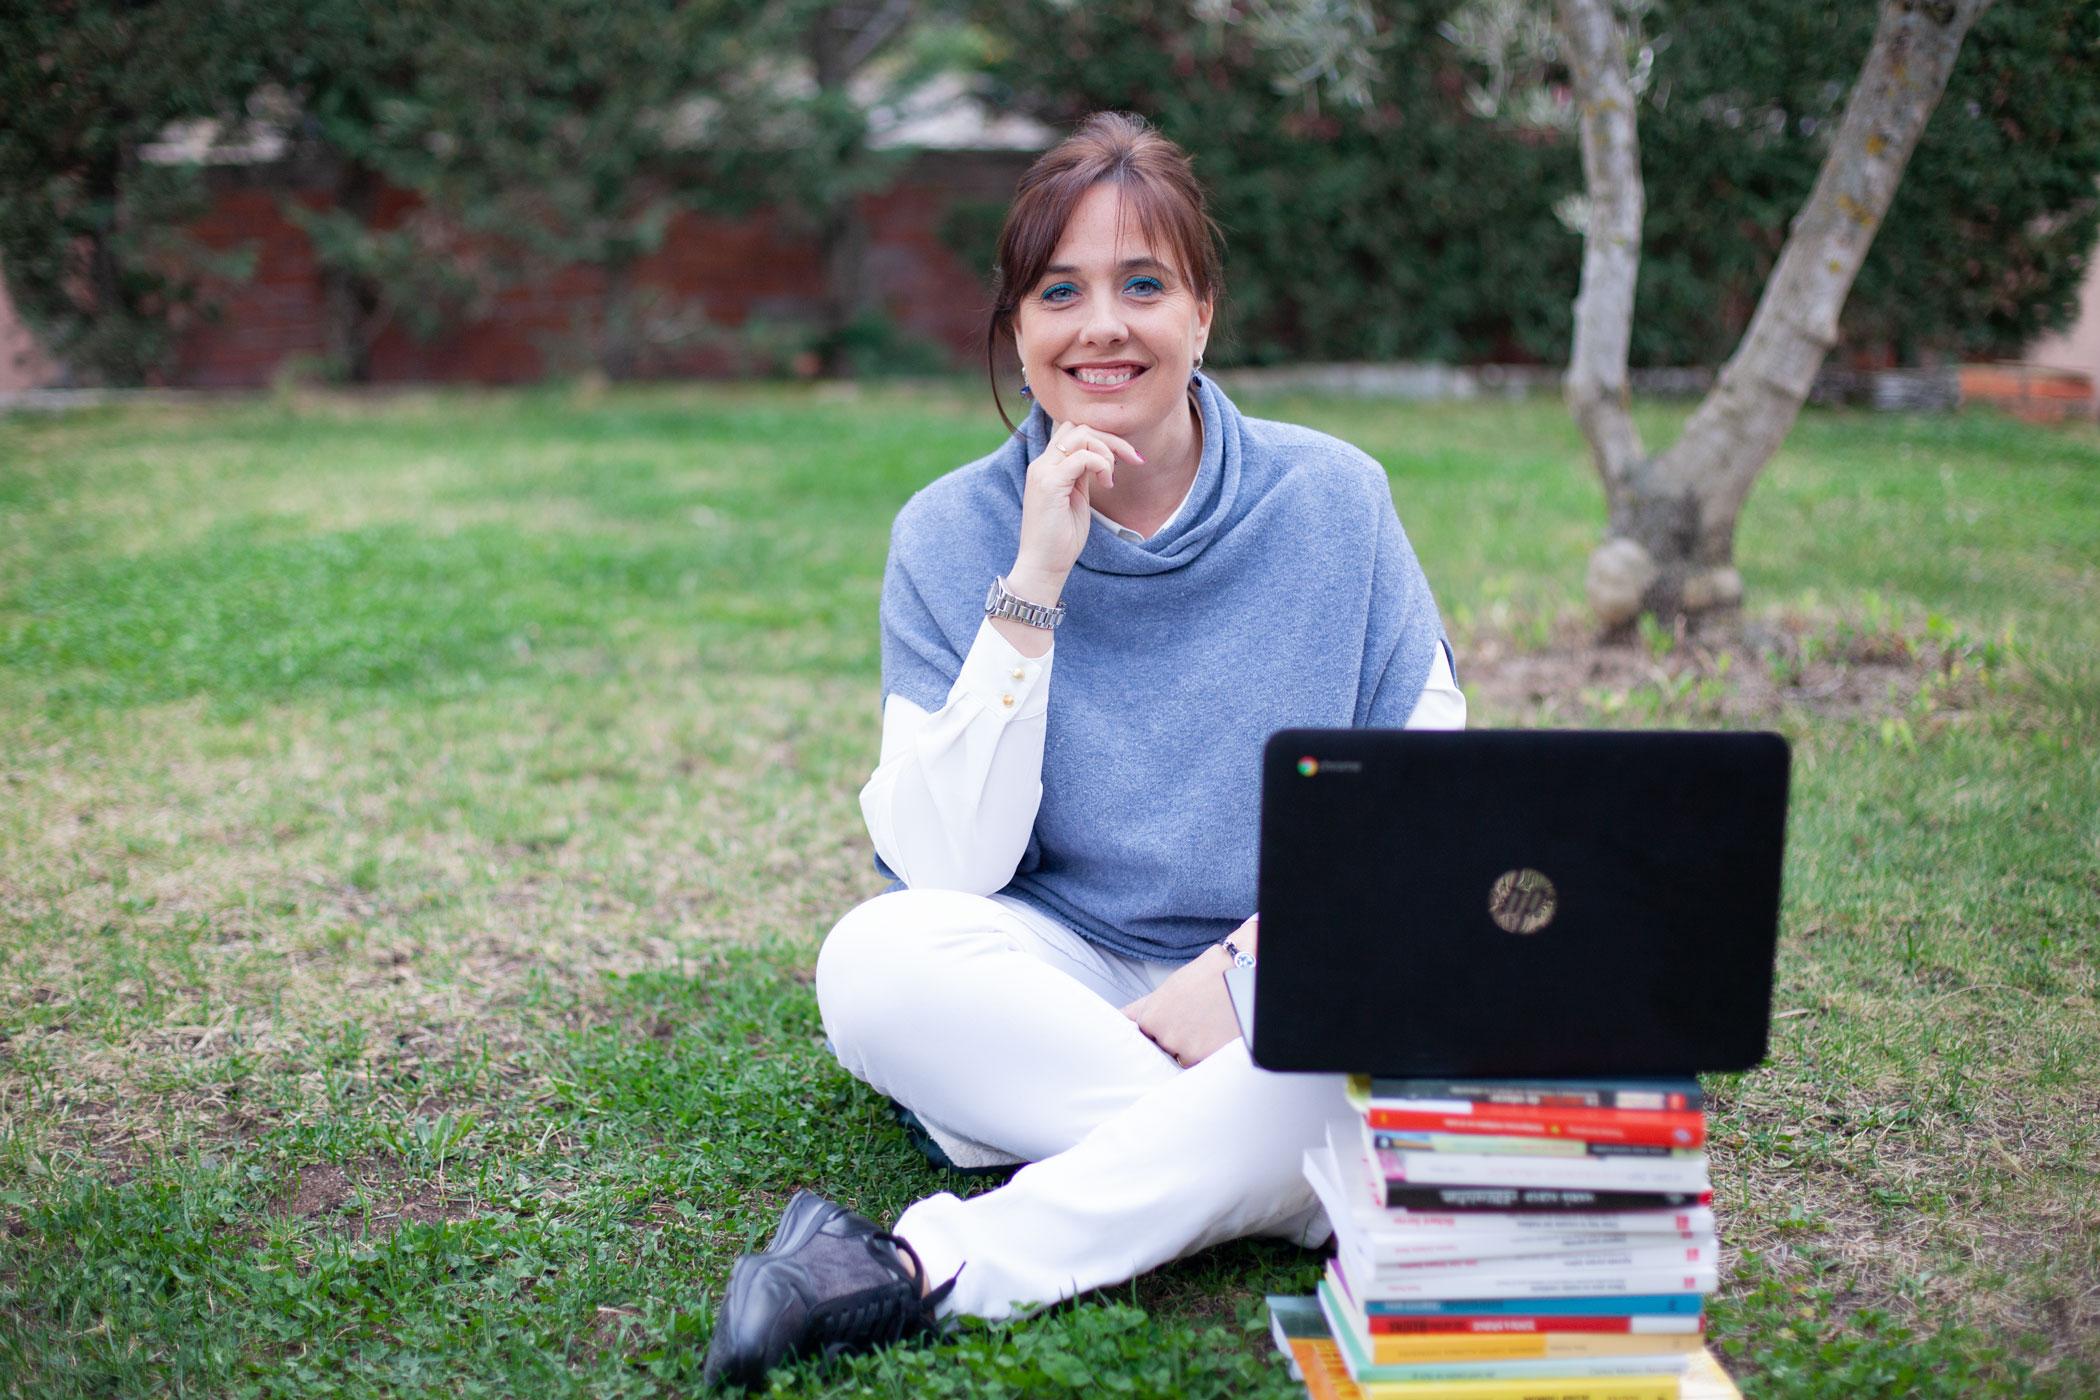 Eva teba, socia fundadora de Educando, docente e investigadora